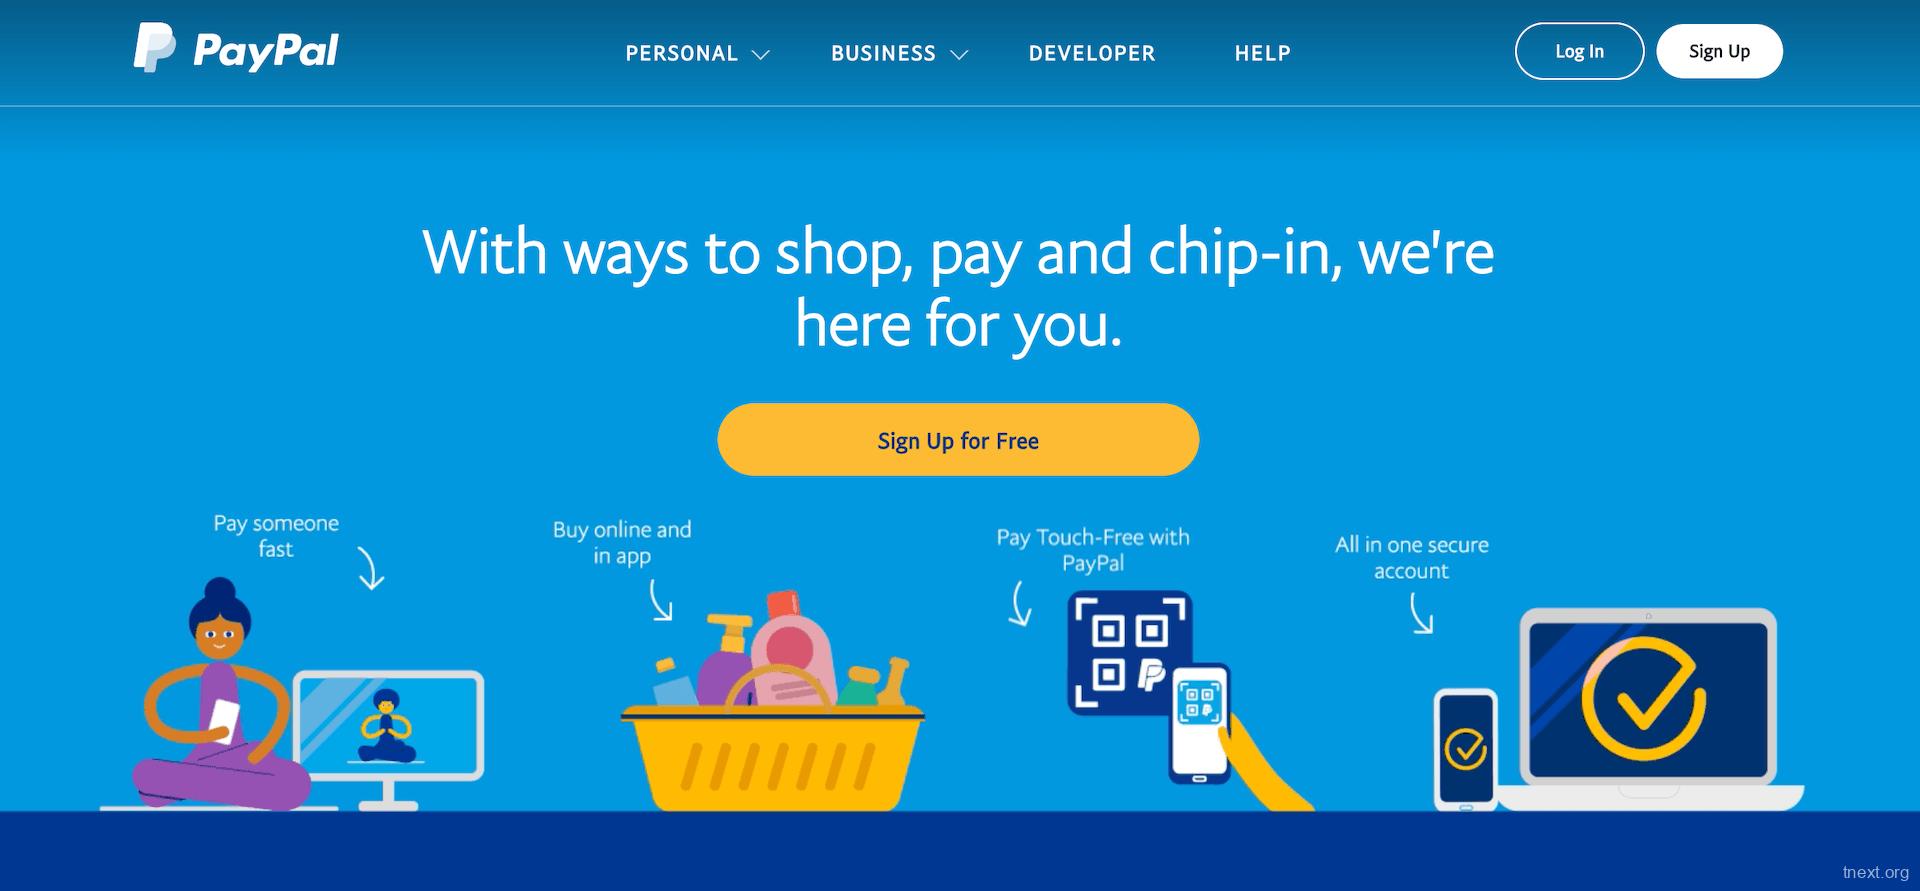 TNEXT | 全球服务 2020年美区Paypal成功申请以及防风控\解封控攻略